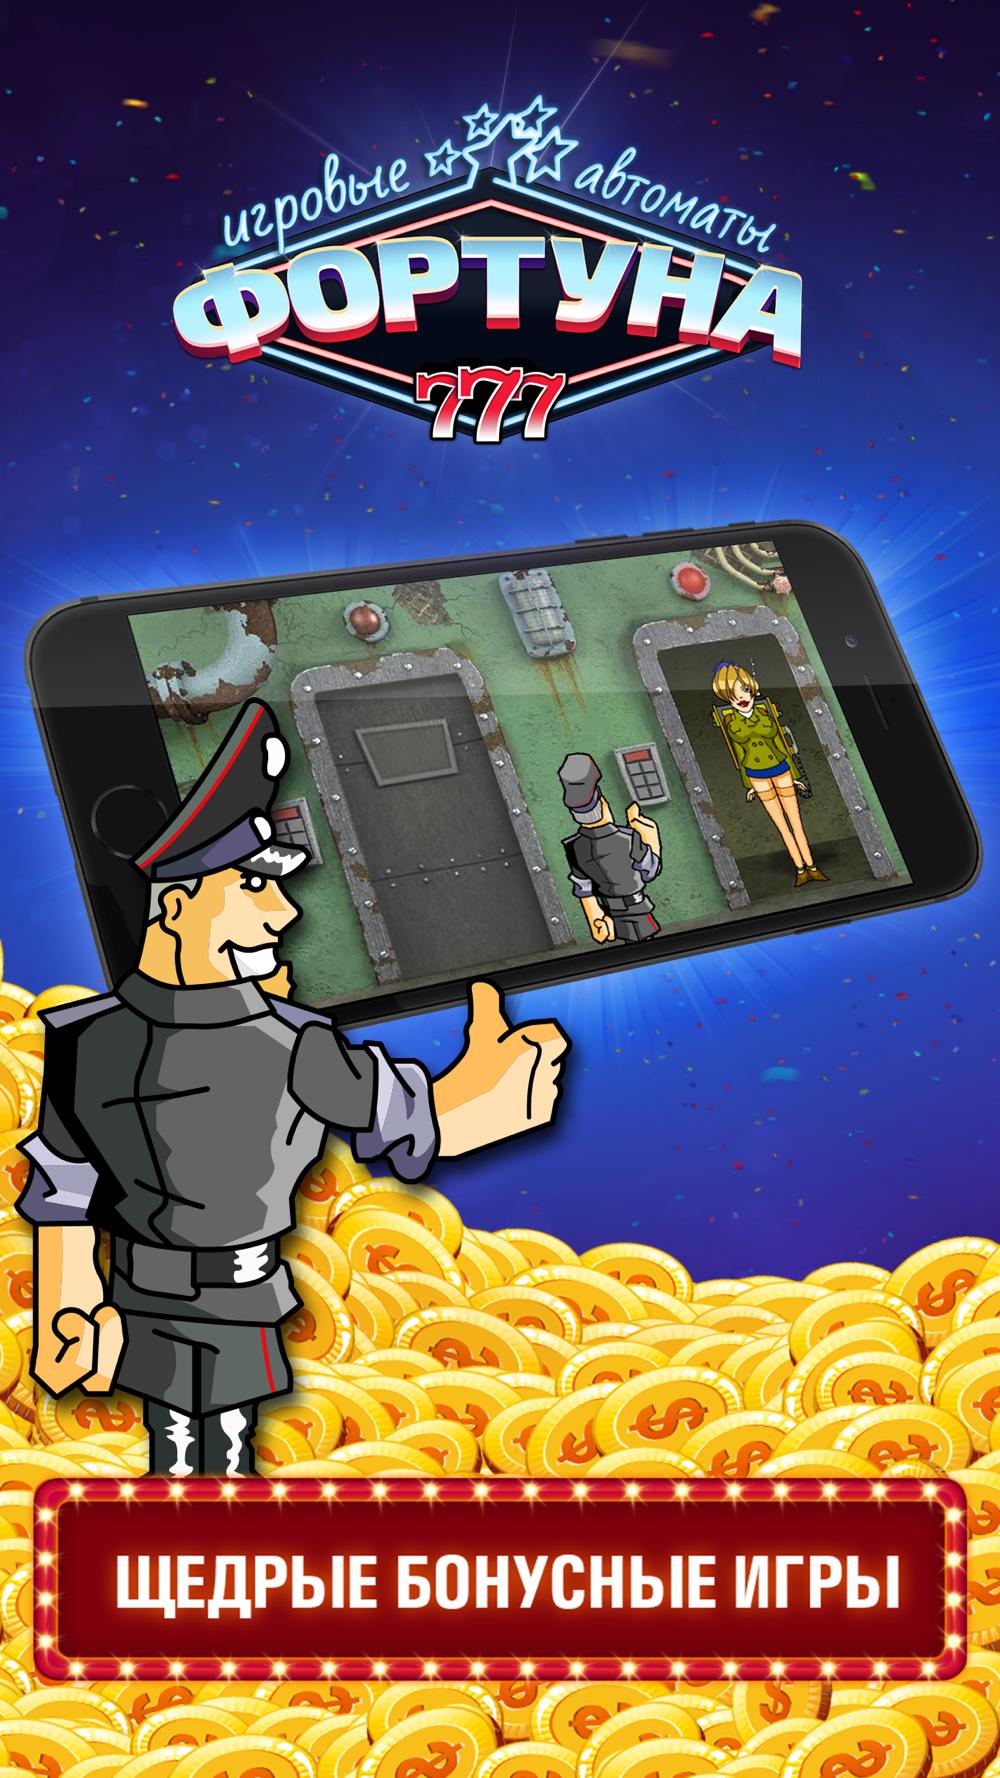 фортуна игровой автомат скачать бесплатно